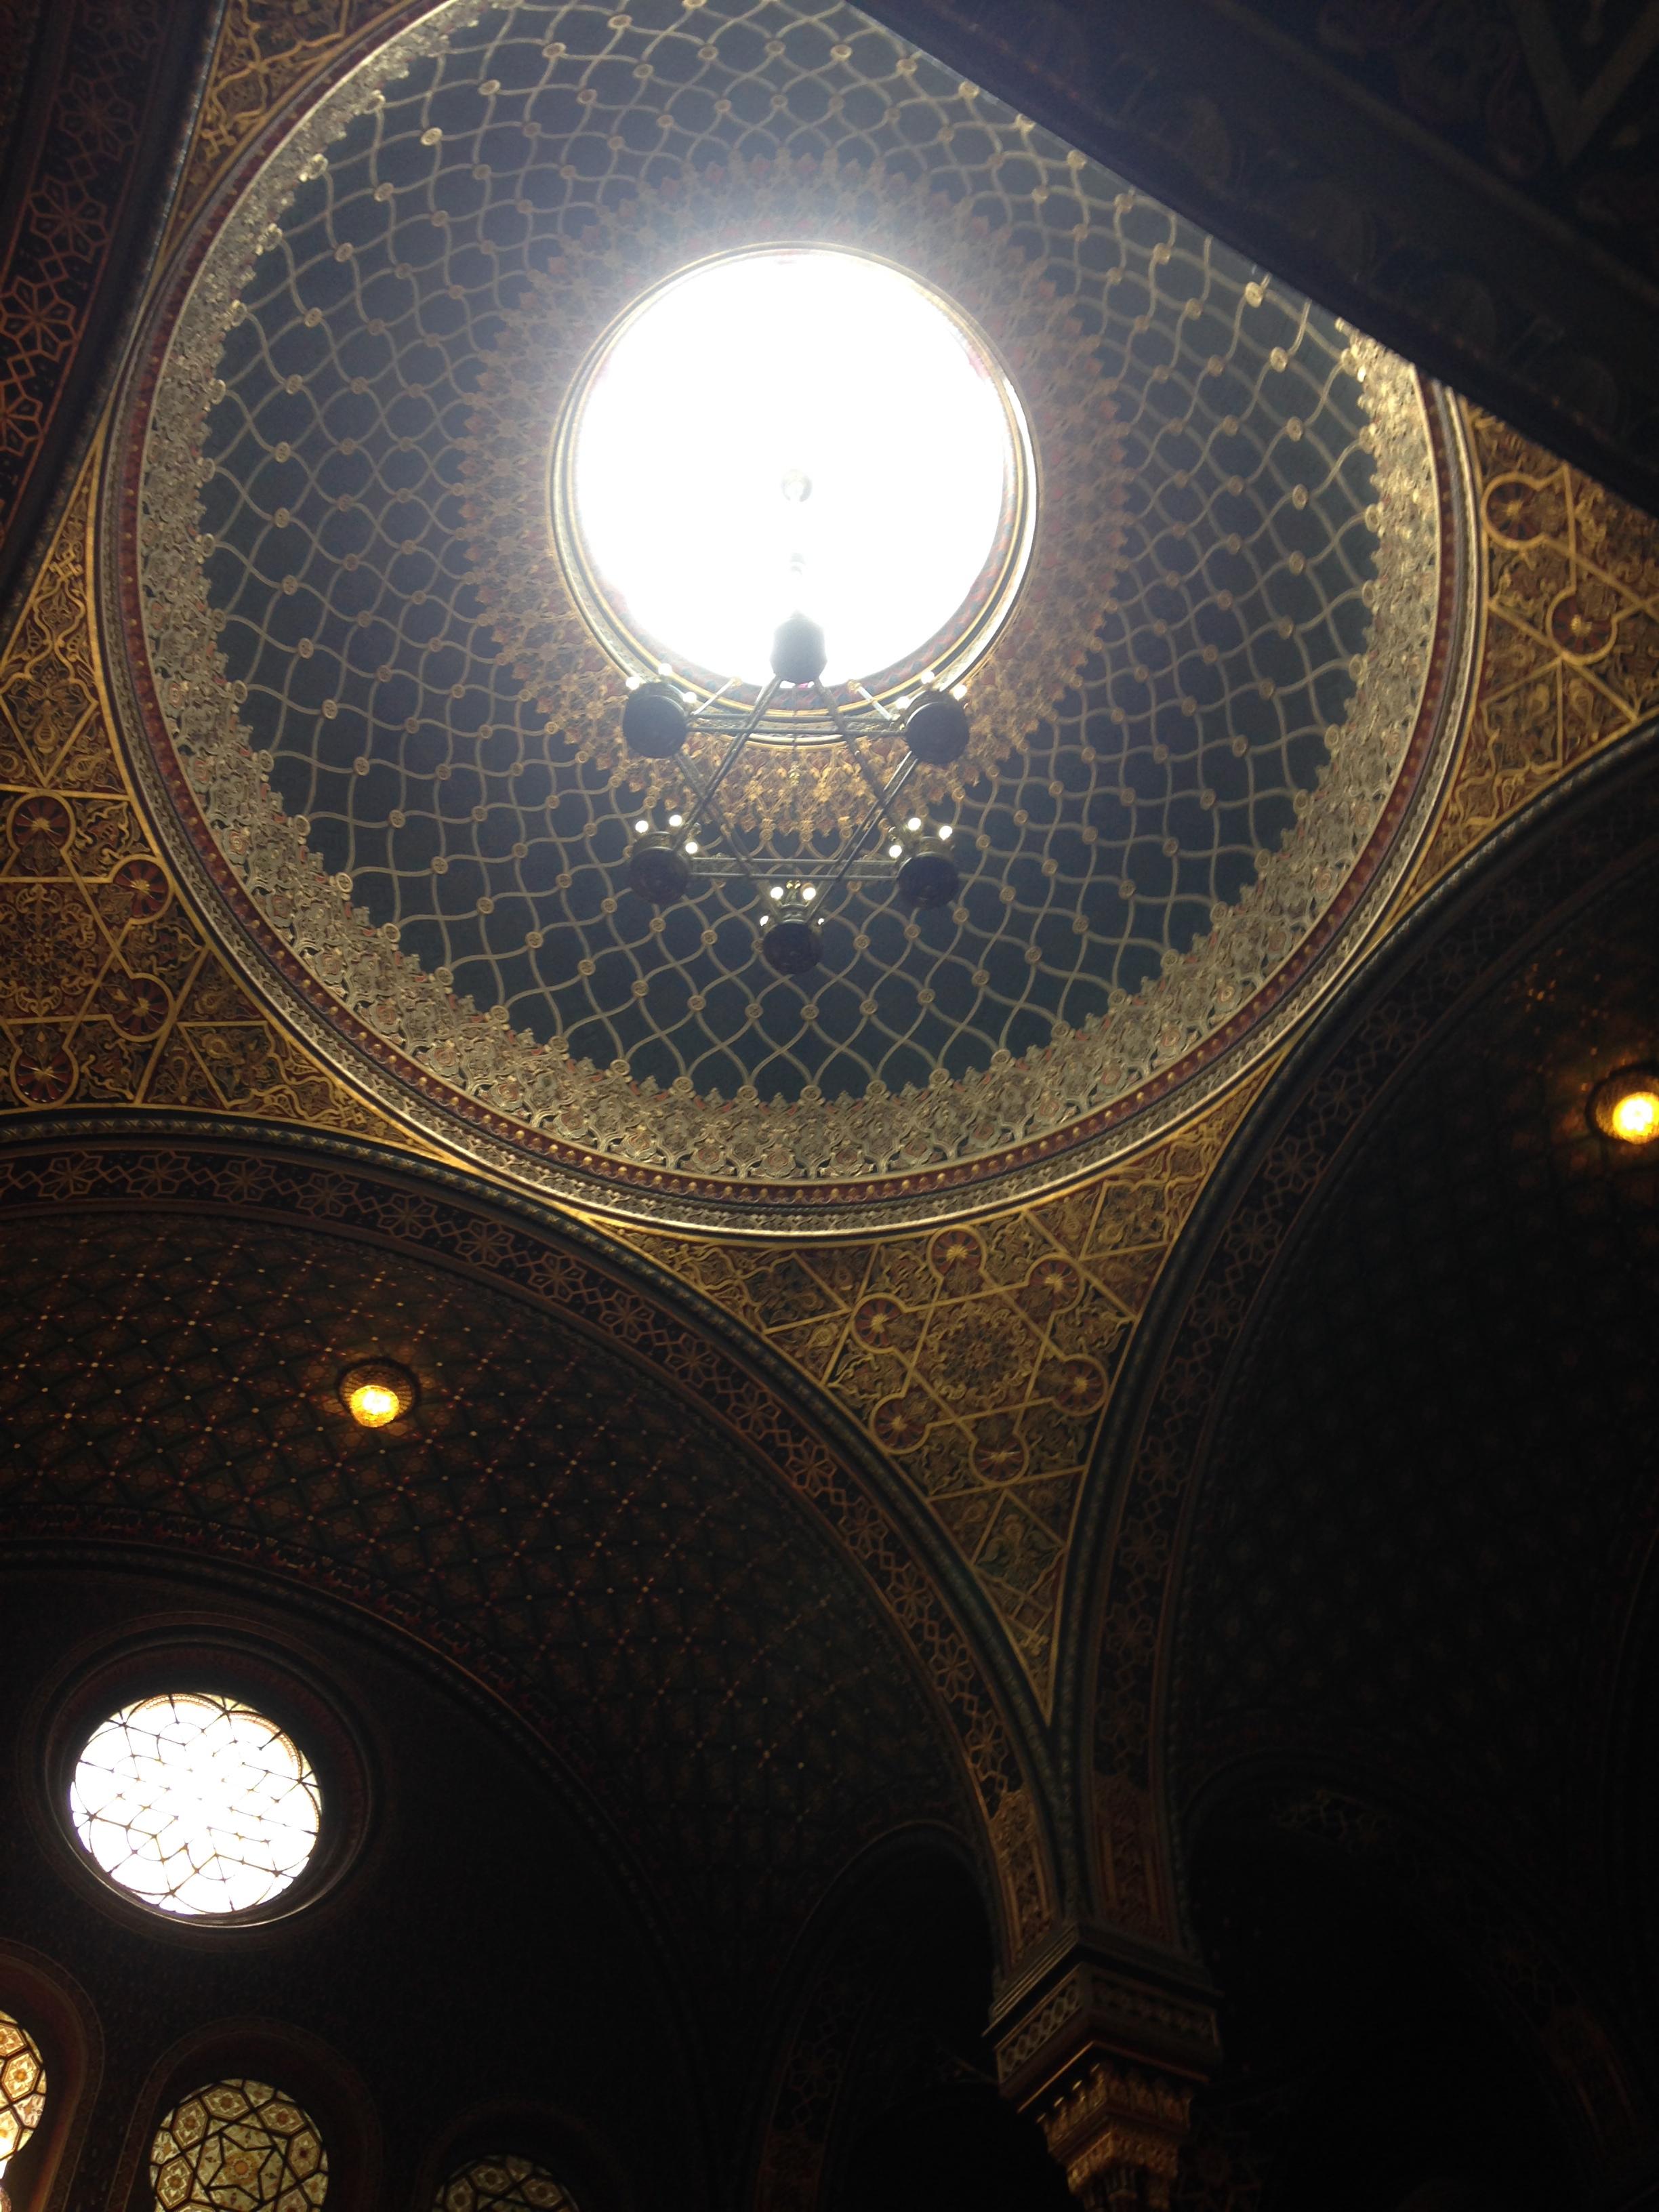 ceiling of Prague's Spaish Synagogue